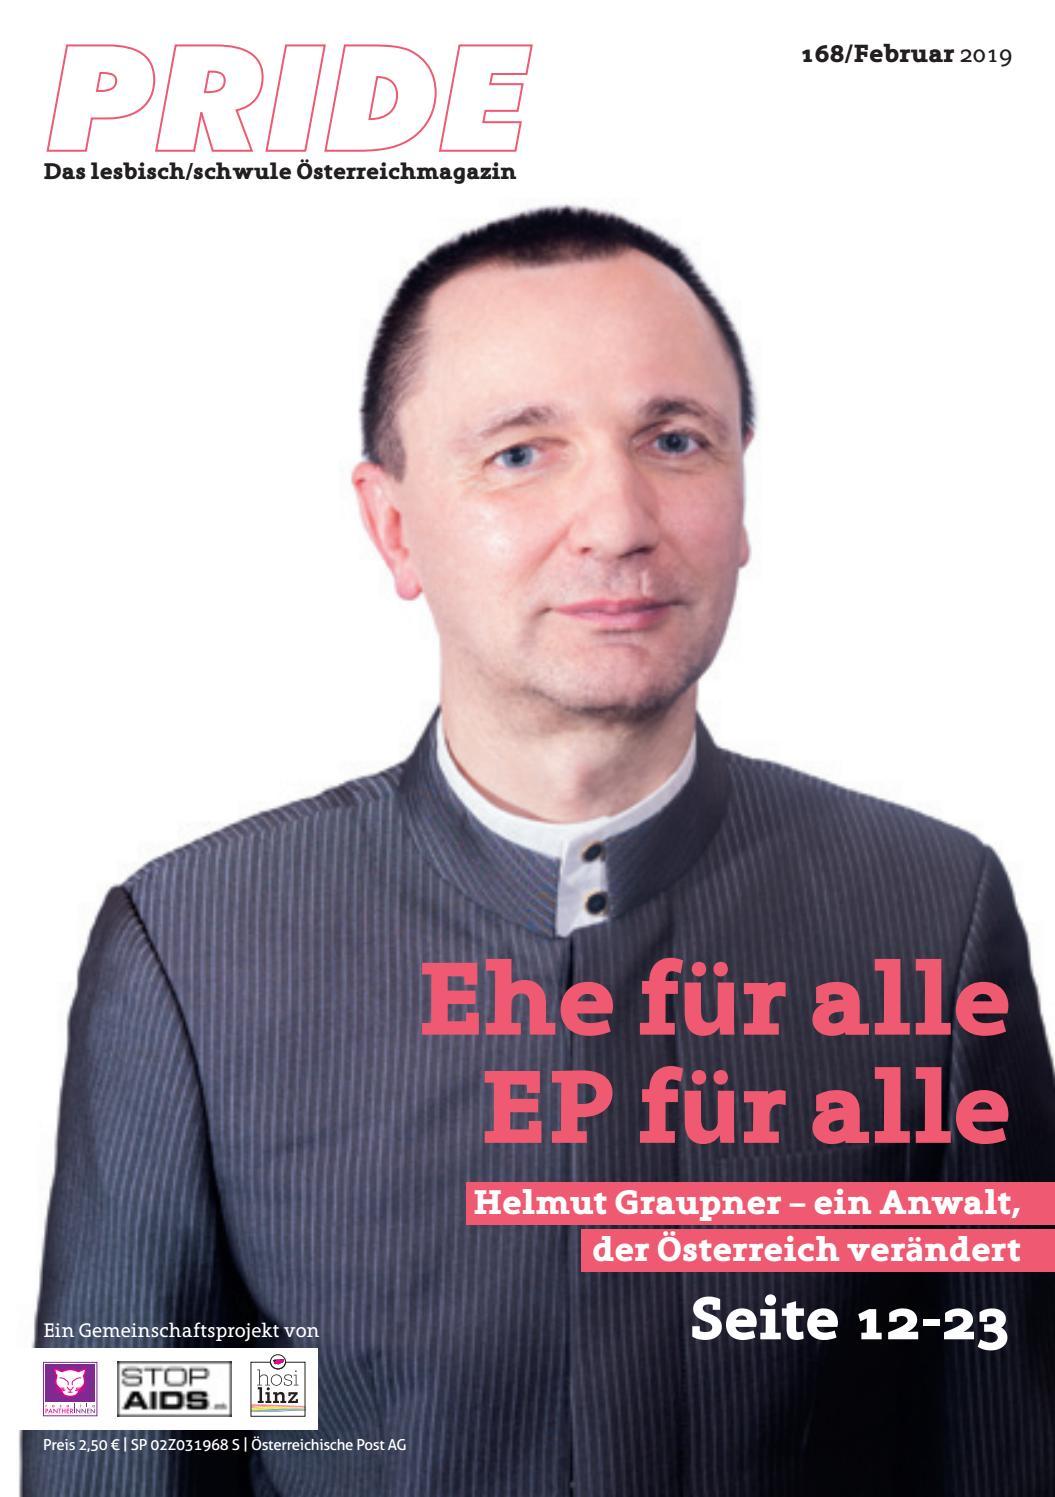 Gay Suche Flirt St. Plten - Dating Tipps Vorarlberg